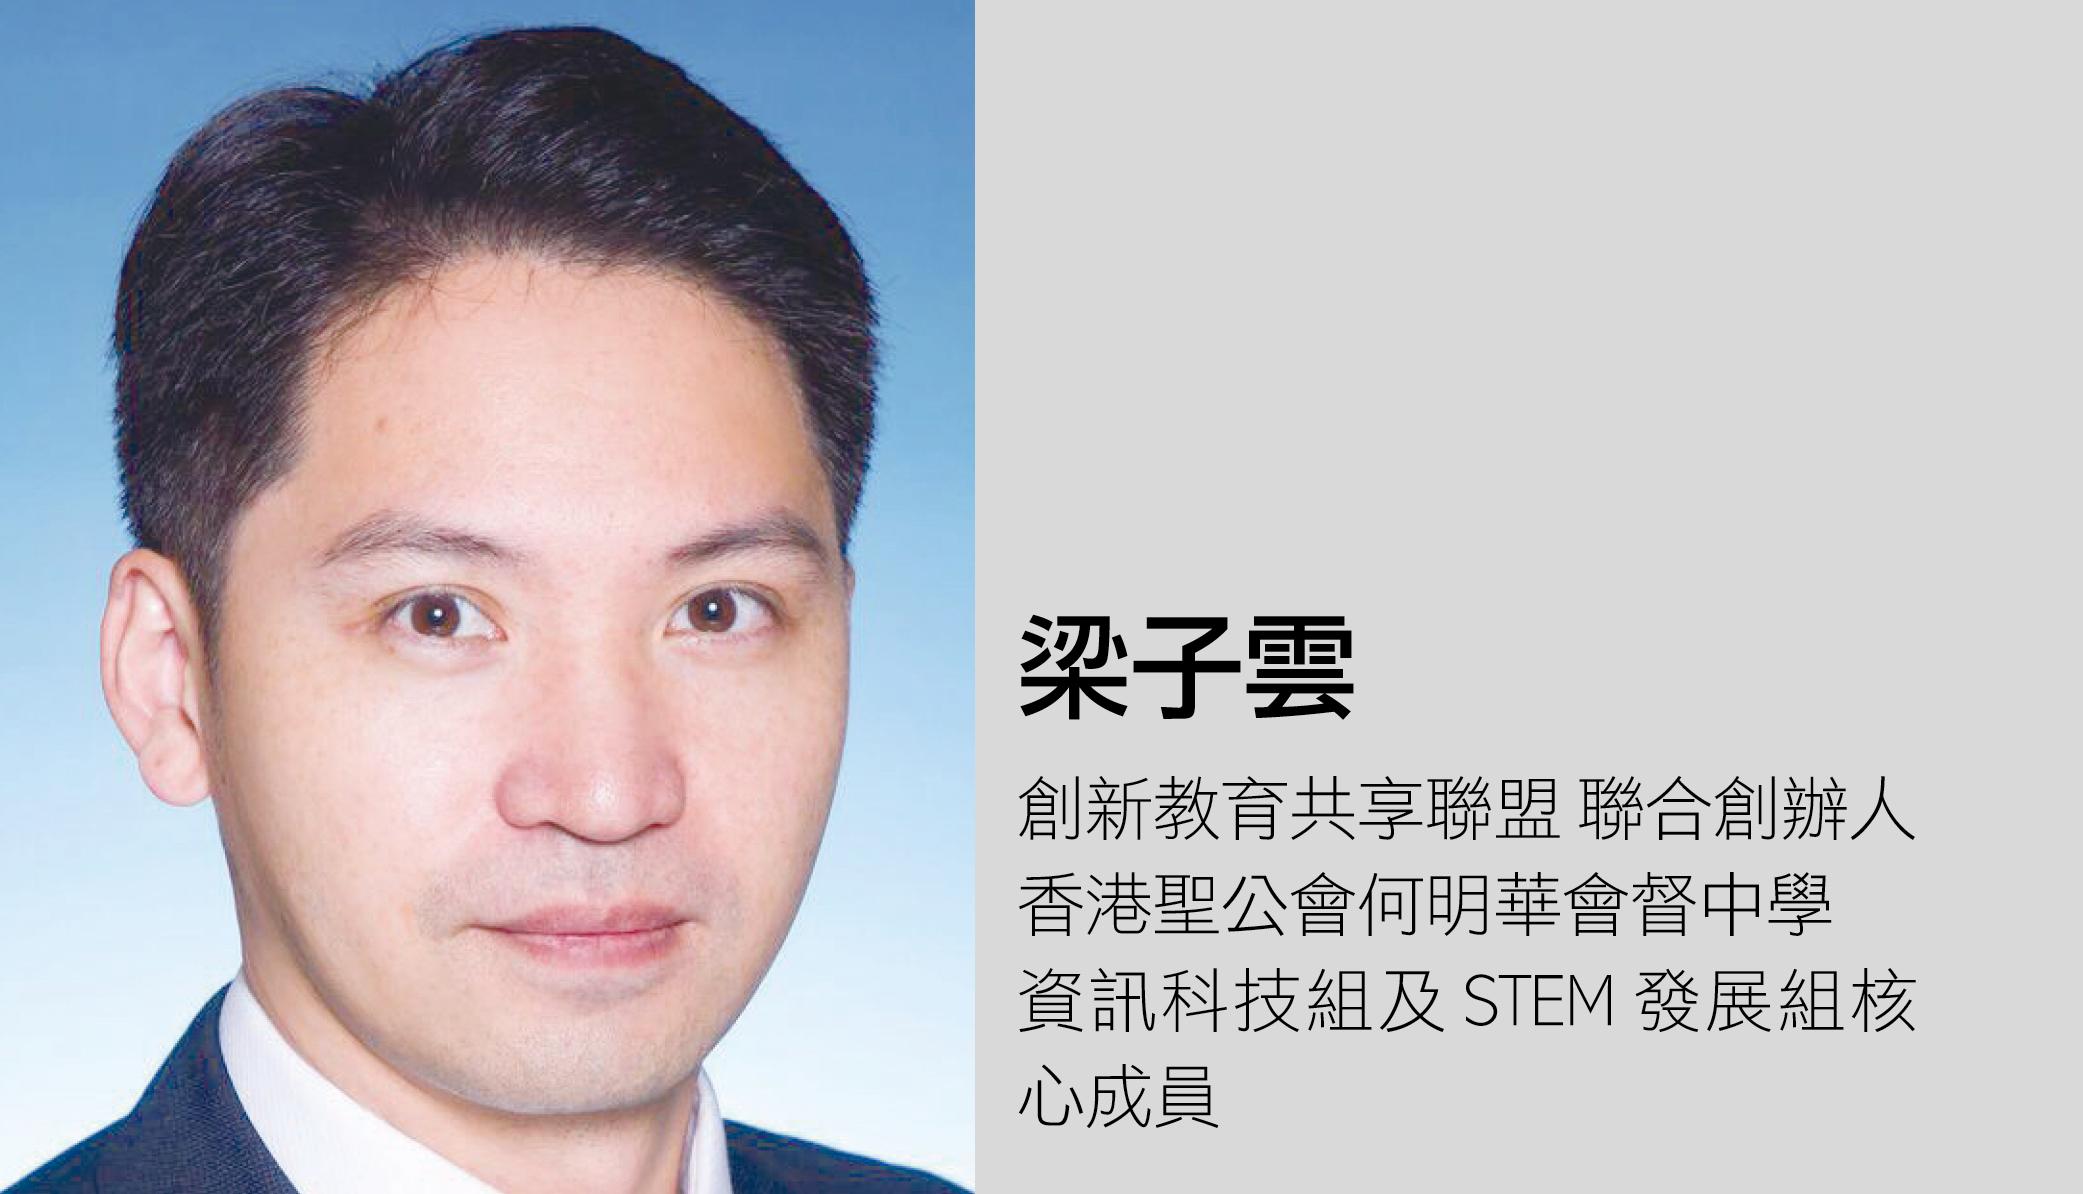 粵港澳大灣區STEM發展機遇